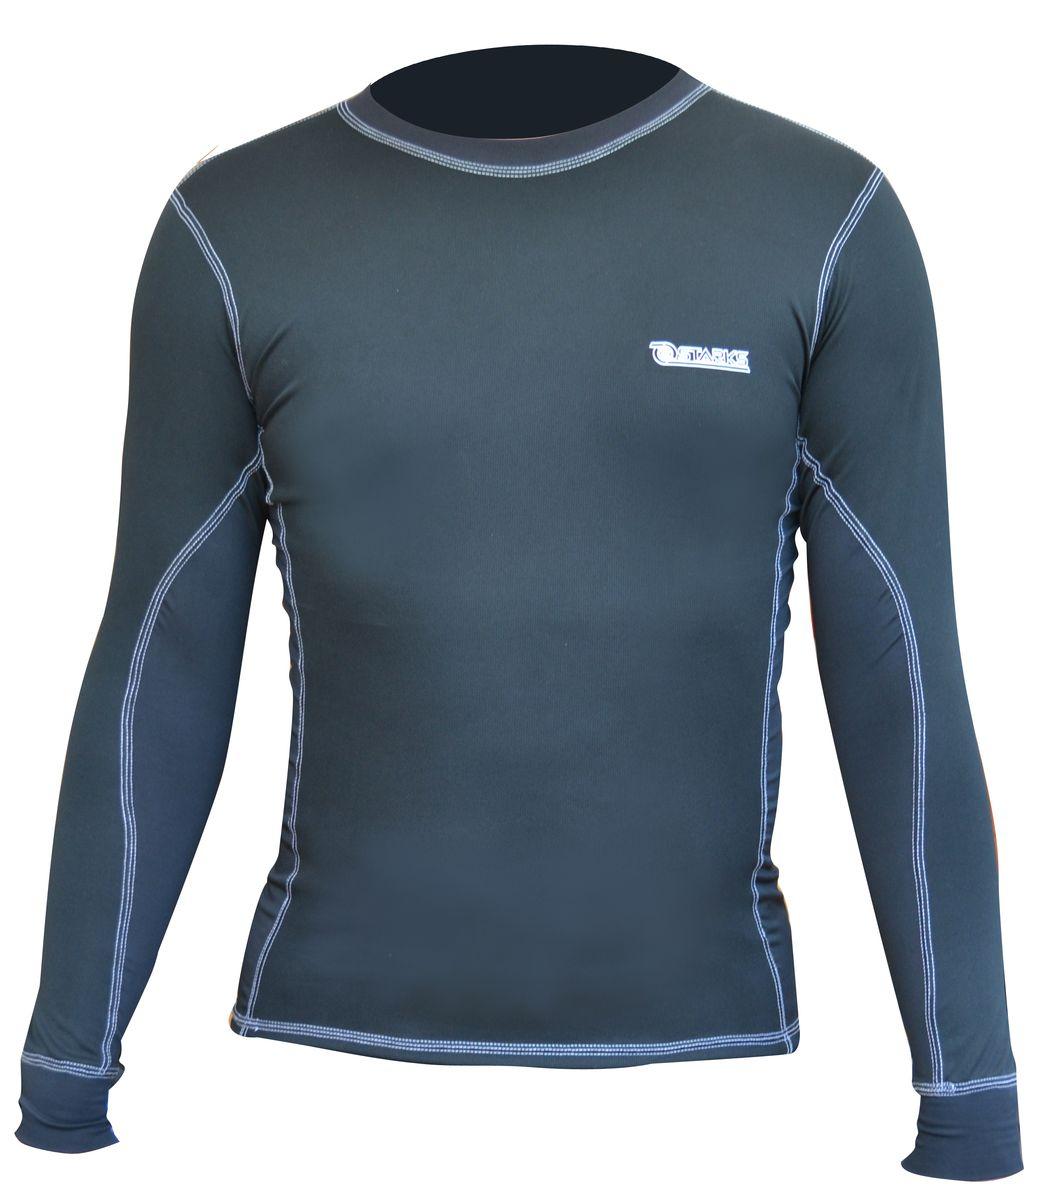 Термобелье кофта Starks Coolmax, летняя, охлаждающая, цвет: черный. Размер LЛЦ0011_LАнатомическое комбинированное термобелье, выполнено из сертифицированной ткани CoolMax. Повторение анатомии человеческого тела. Обеспечивает хорошую терморегуляцию тела, отводит влагу, оставляя тело сухим. Вставки из ткани CoolMax Extremeдля мест, подверженных наибольшей потливости (подмышки, локтевой сгиб руки, паховая область). Технология плоских швов. Белье предназначено для активных физических нагрузок. Особенности: Сохраняет ваше тело сухим. Эластичные, мягкие плоские швы Отличные влагоотводящиесвойства Гипоаллергенно